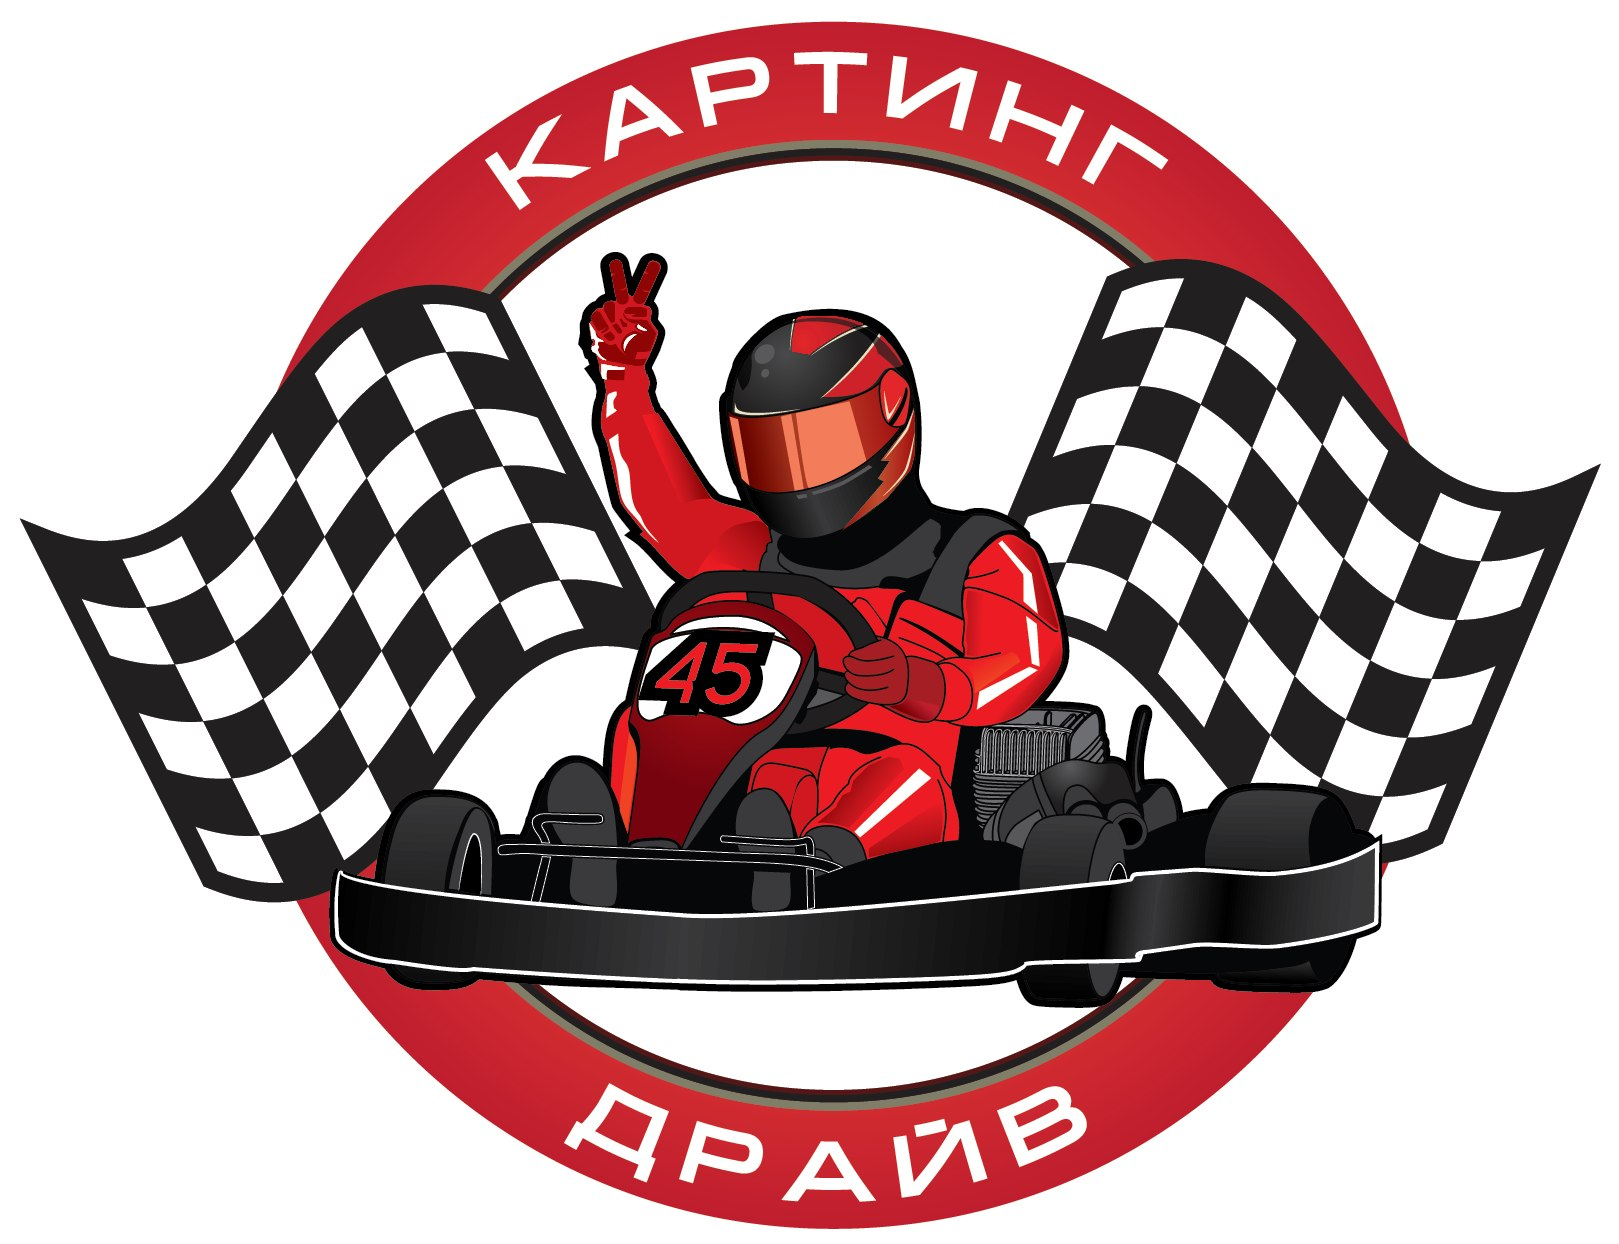 Картинг Драйв, клуб любителей автоспорта в Кургане афиша курган